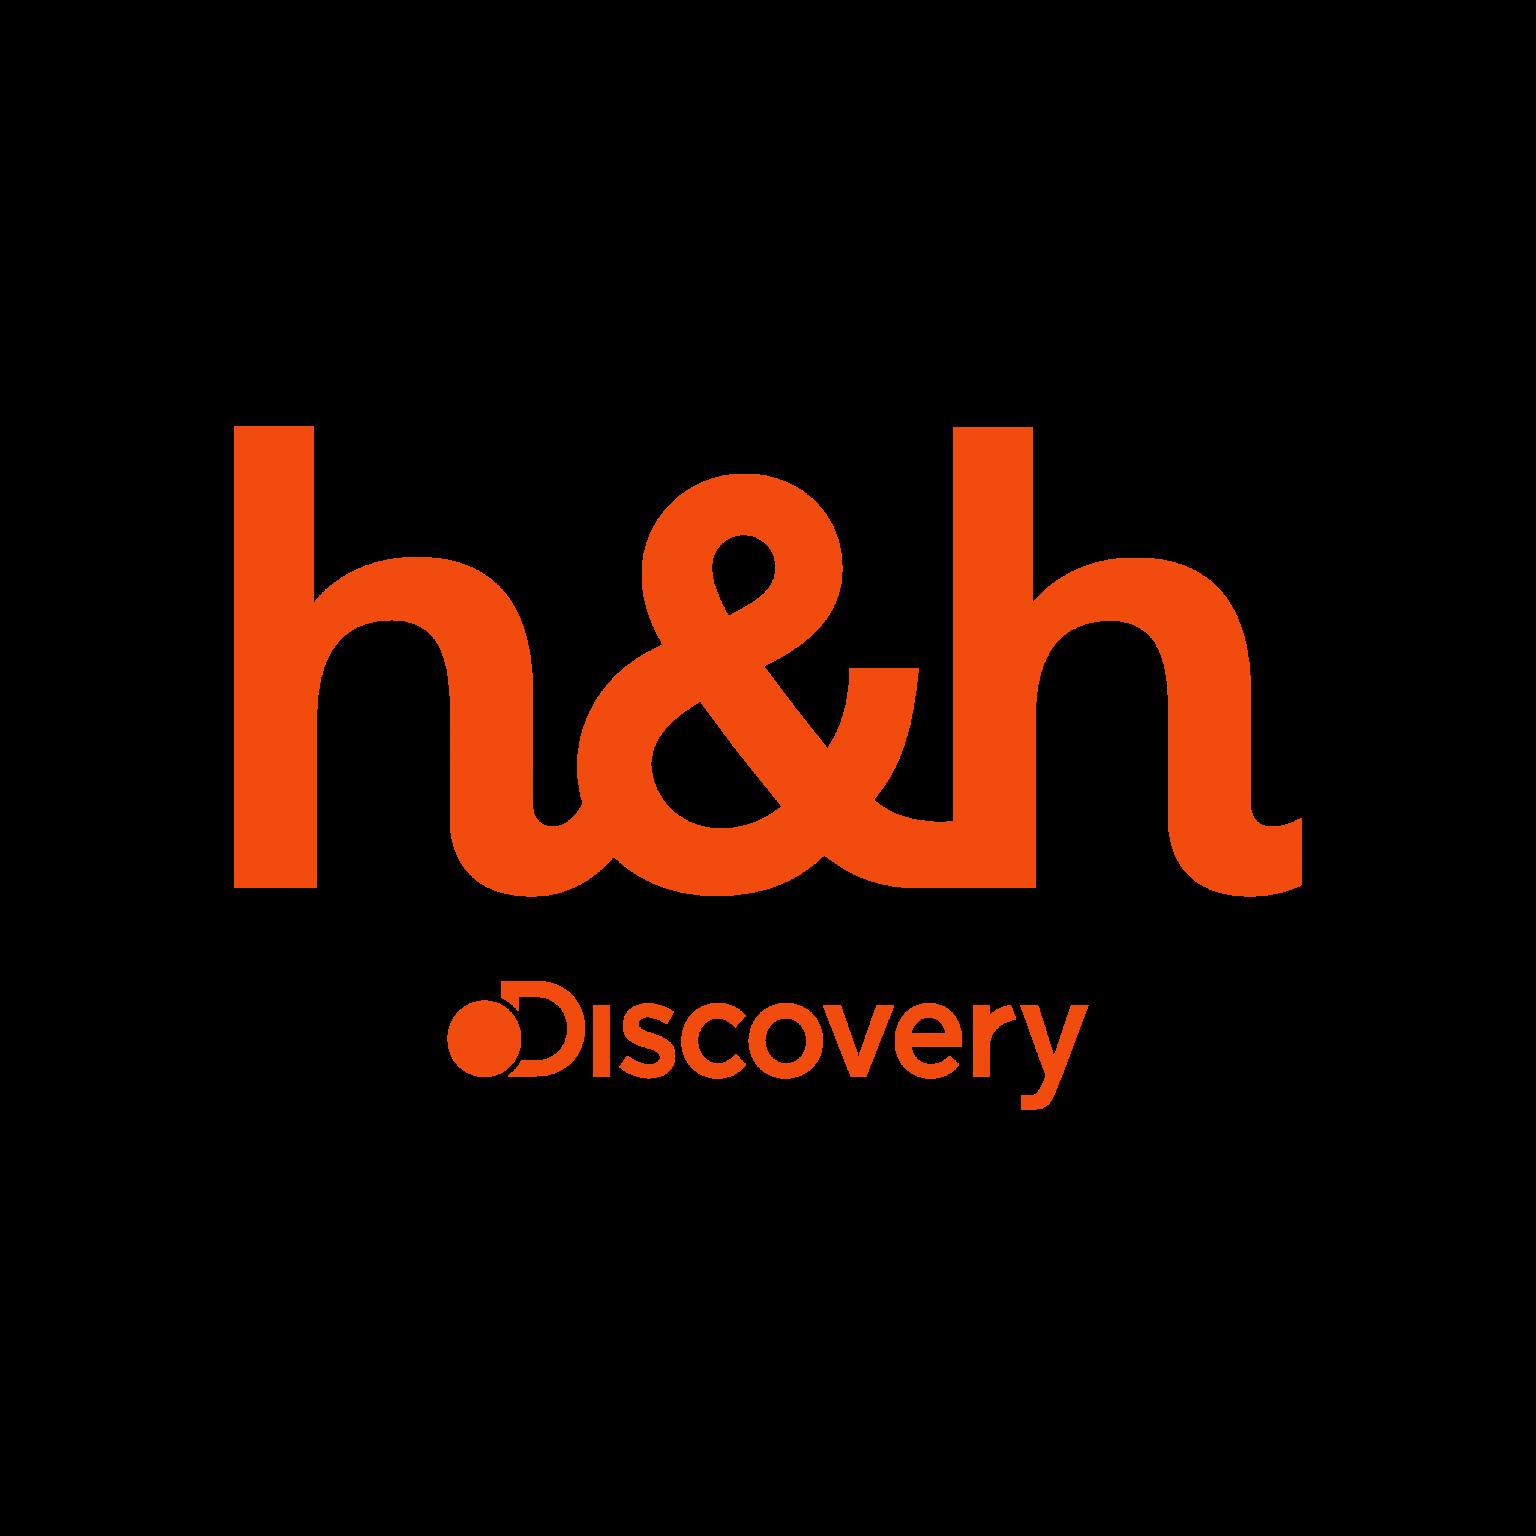 Discovery Home & Health Logo - PNG e Vetor - Download de Logo